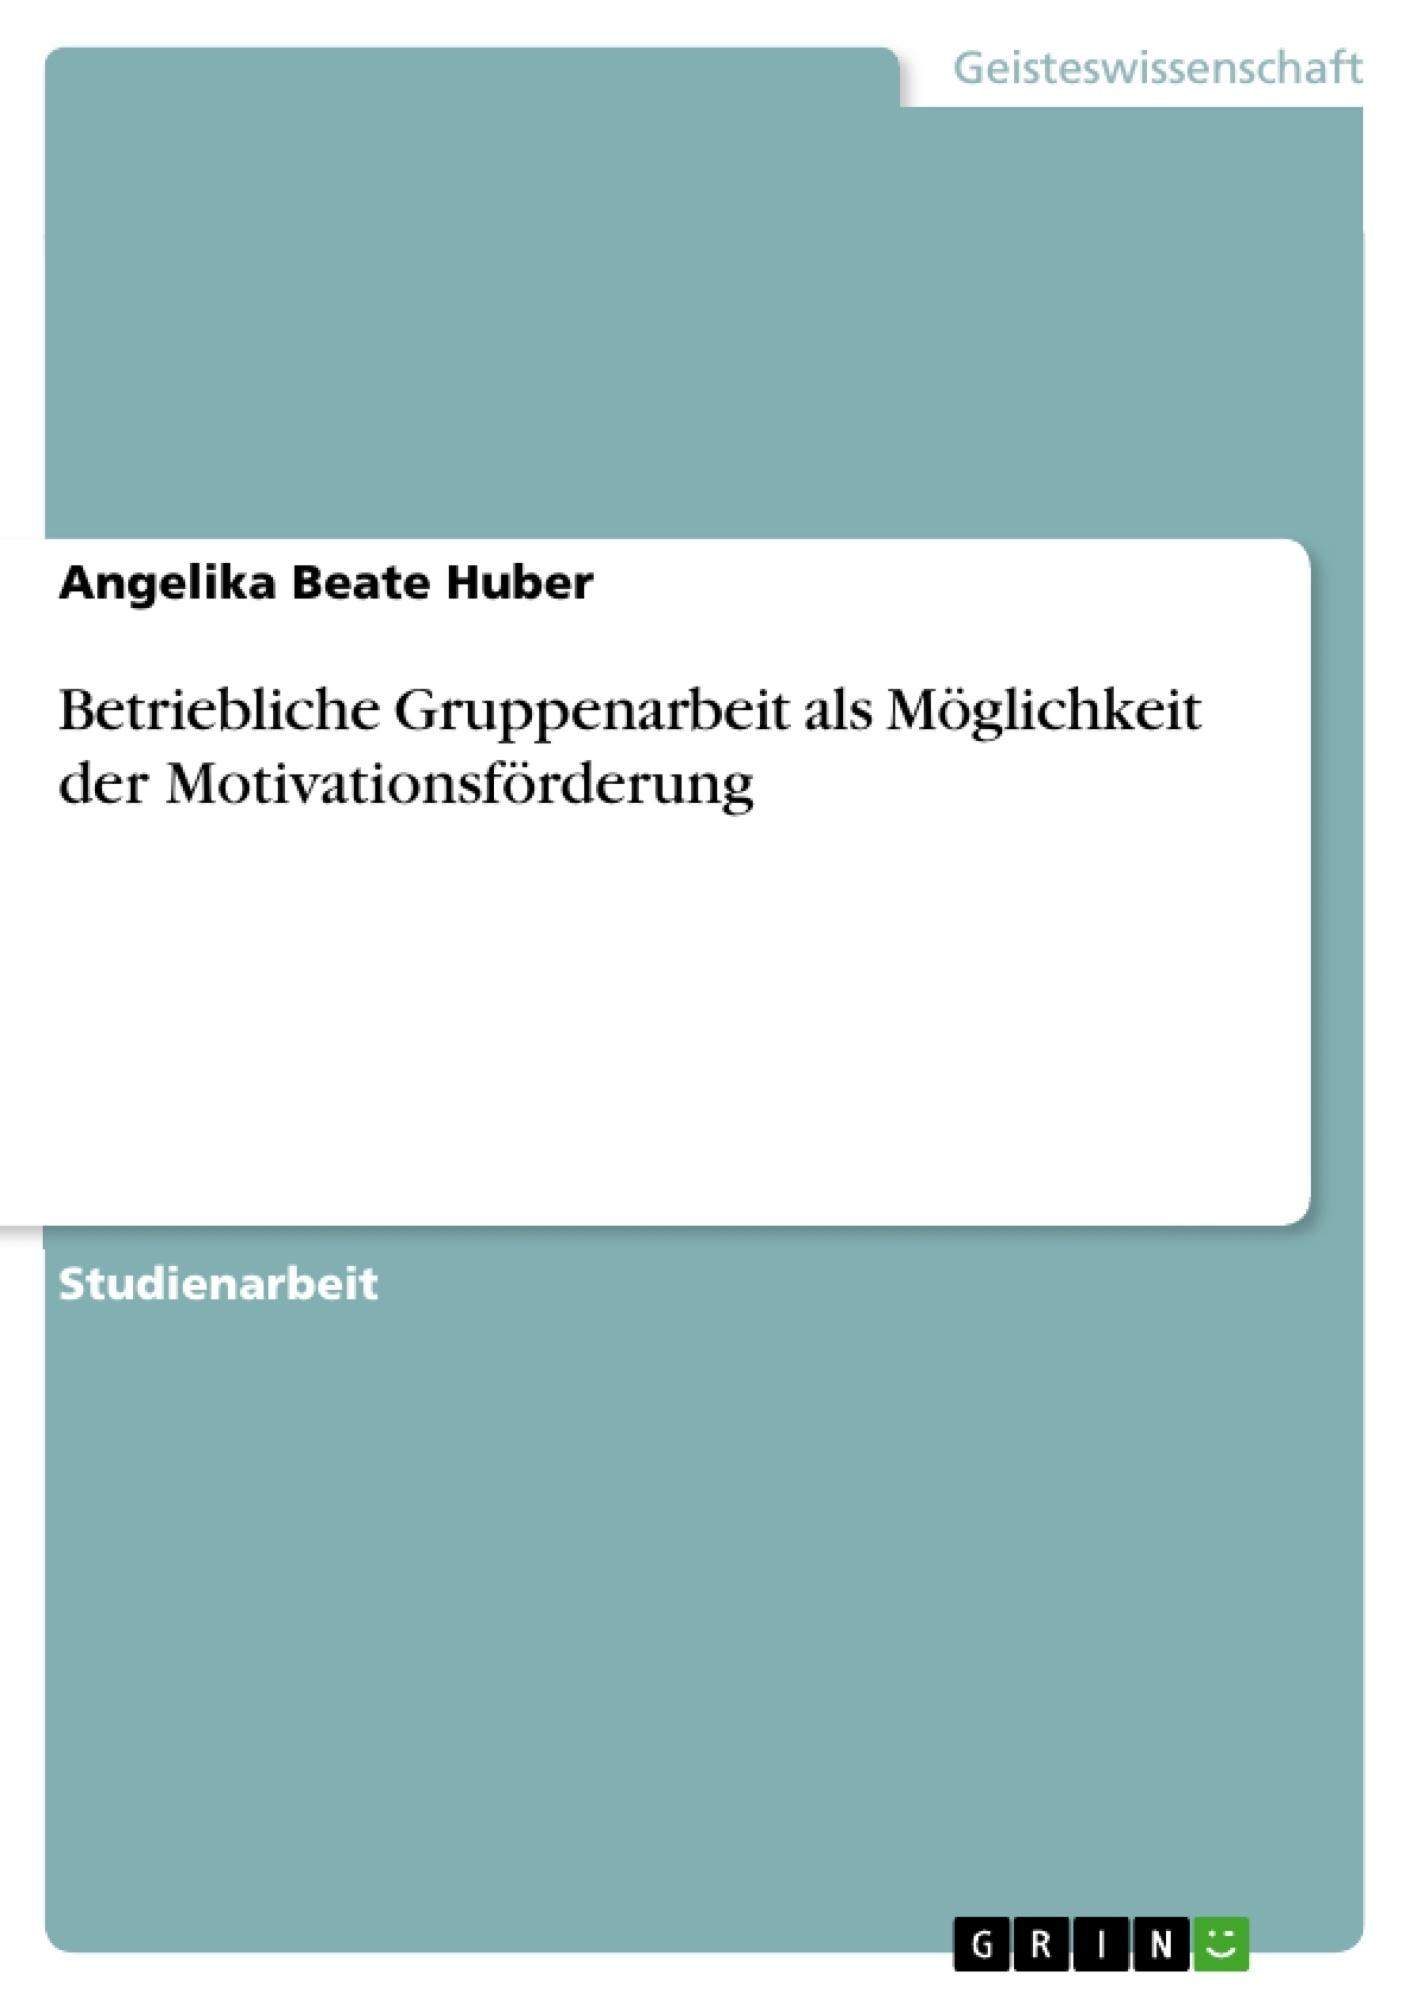 Betriebliche Gruppenarbeit als Möglichkeit der Motivationsförderung (German Edition)